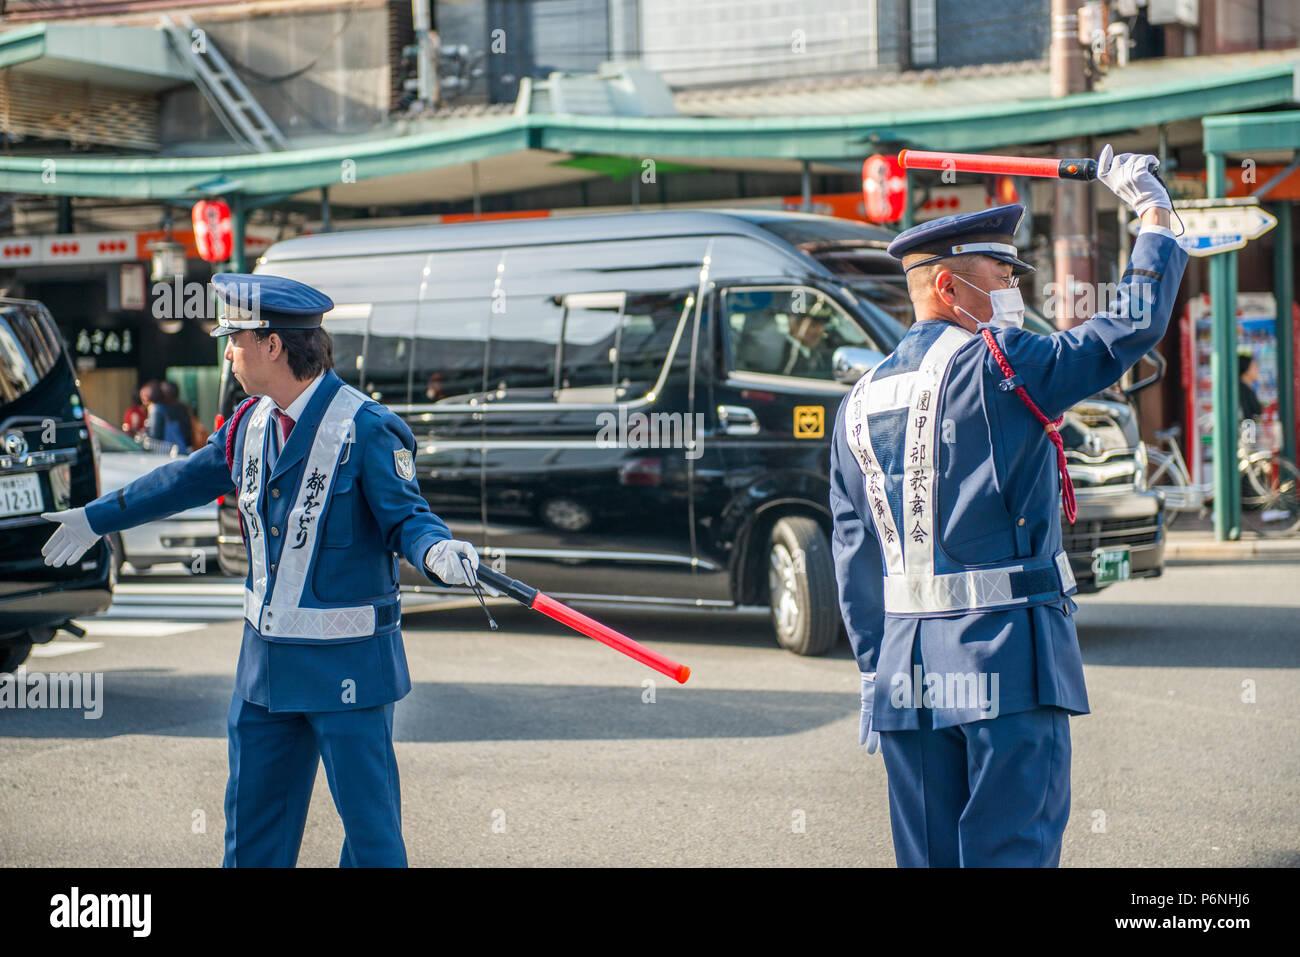 Die japanische Polizei in Aktion an einer belebten Straße im Stadtteil Gion von Kyoto Stockbild